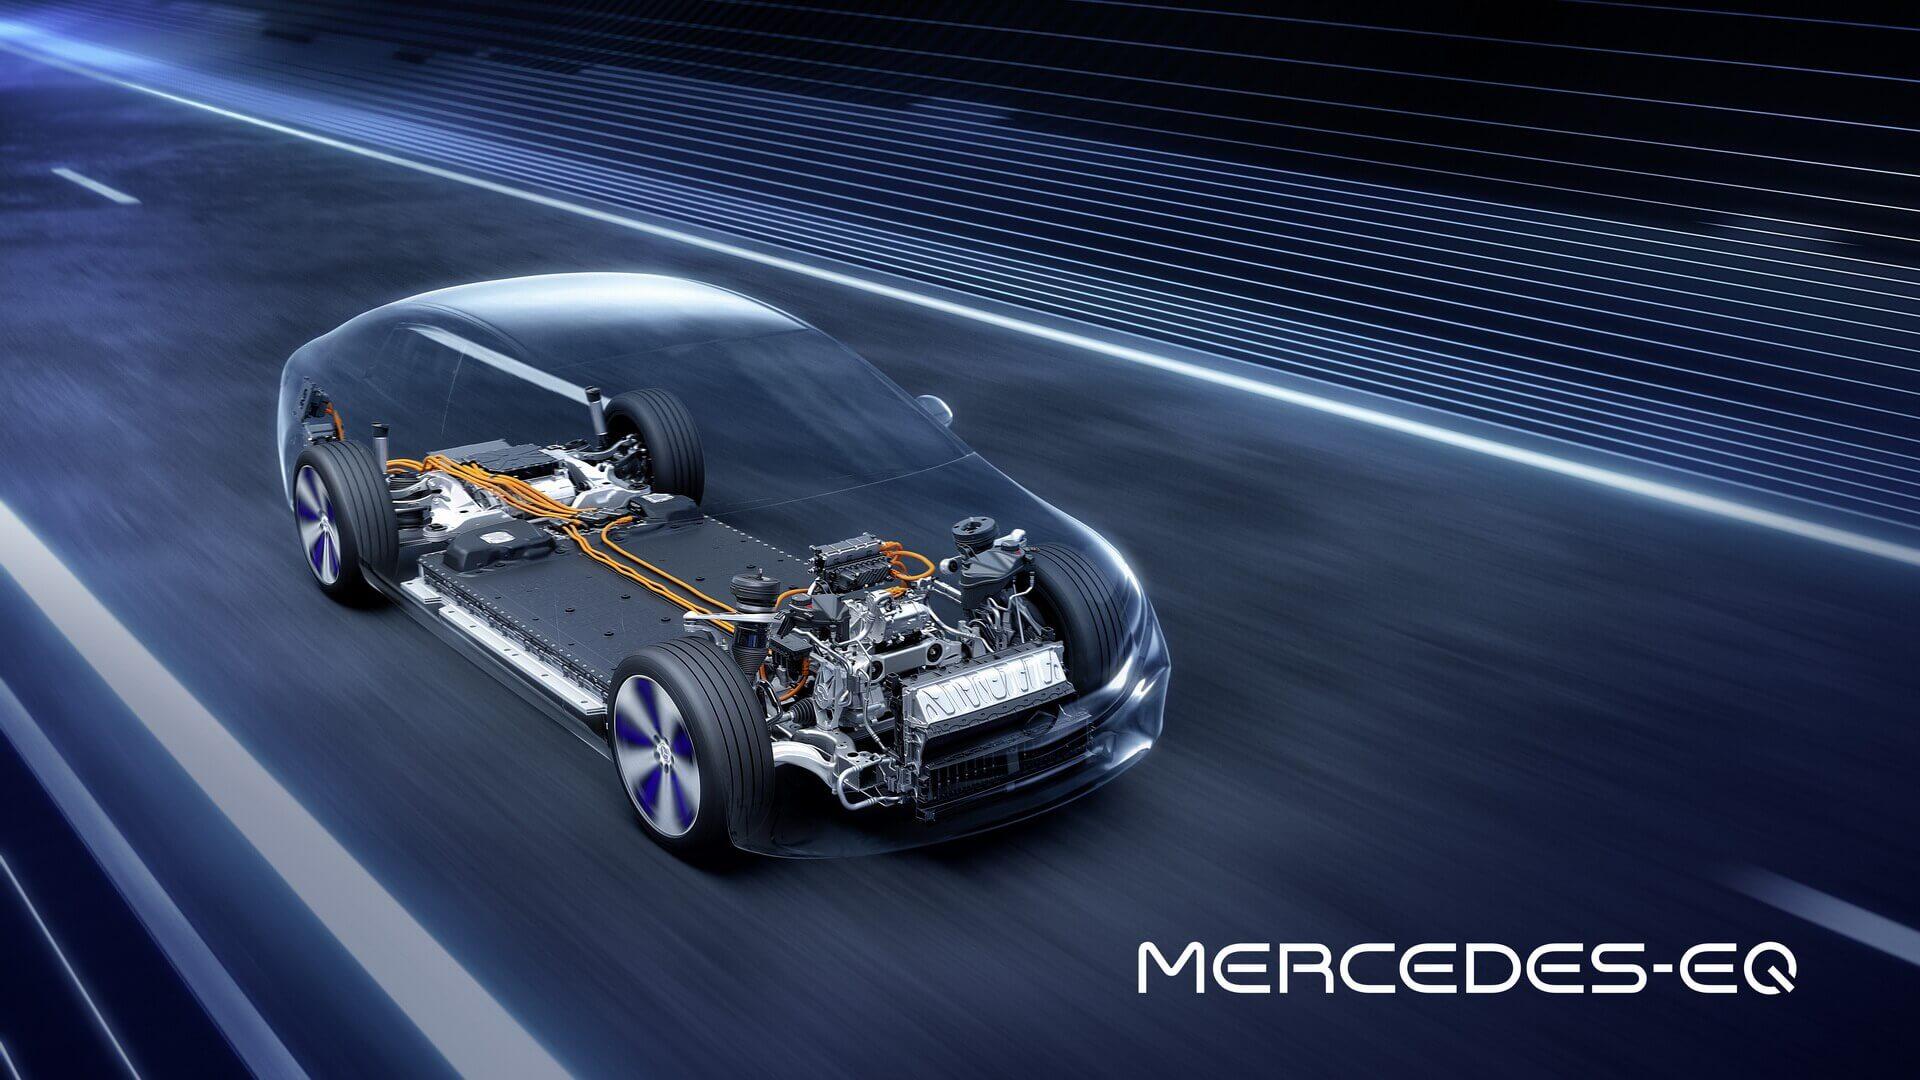 Внастоящее время Mercedes-Benz указывает две версии EQS с разной силовой установкой